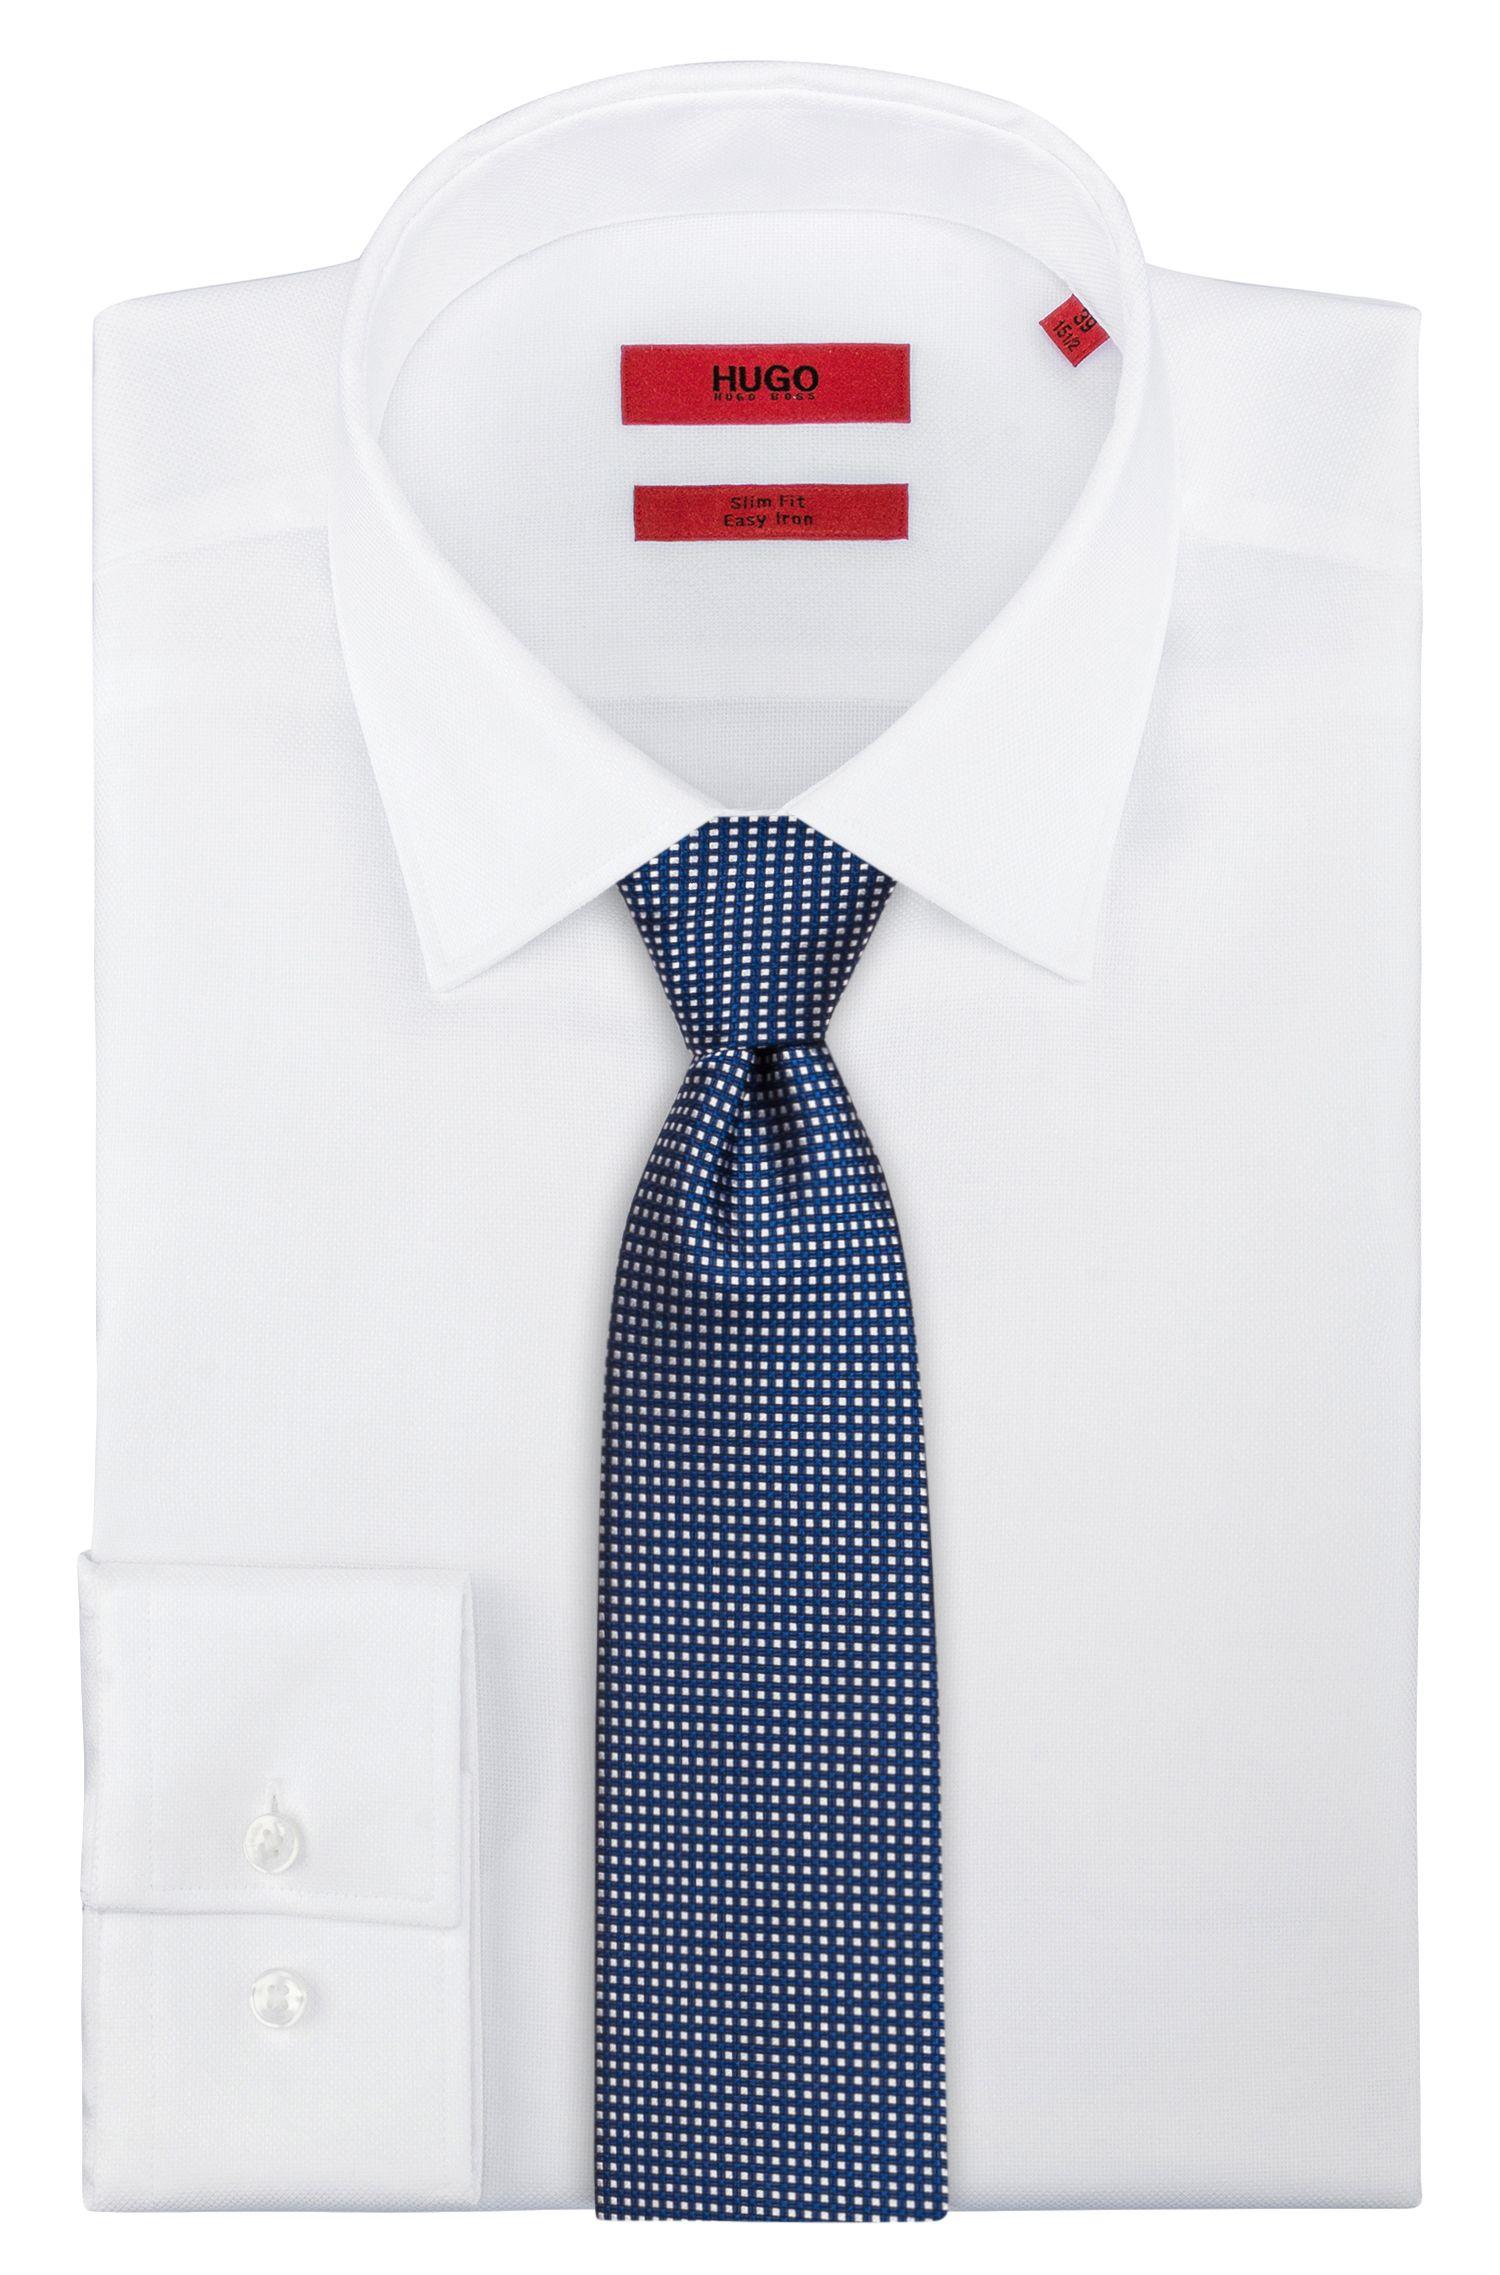 Krawatte aus Seiden-Jacquard mit filigranem Karo-Muster, Dunkelblau